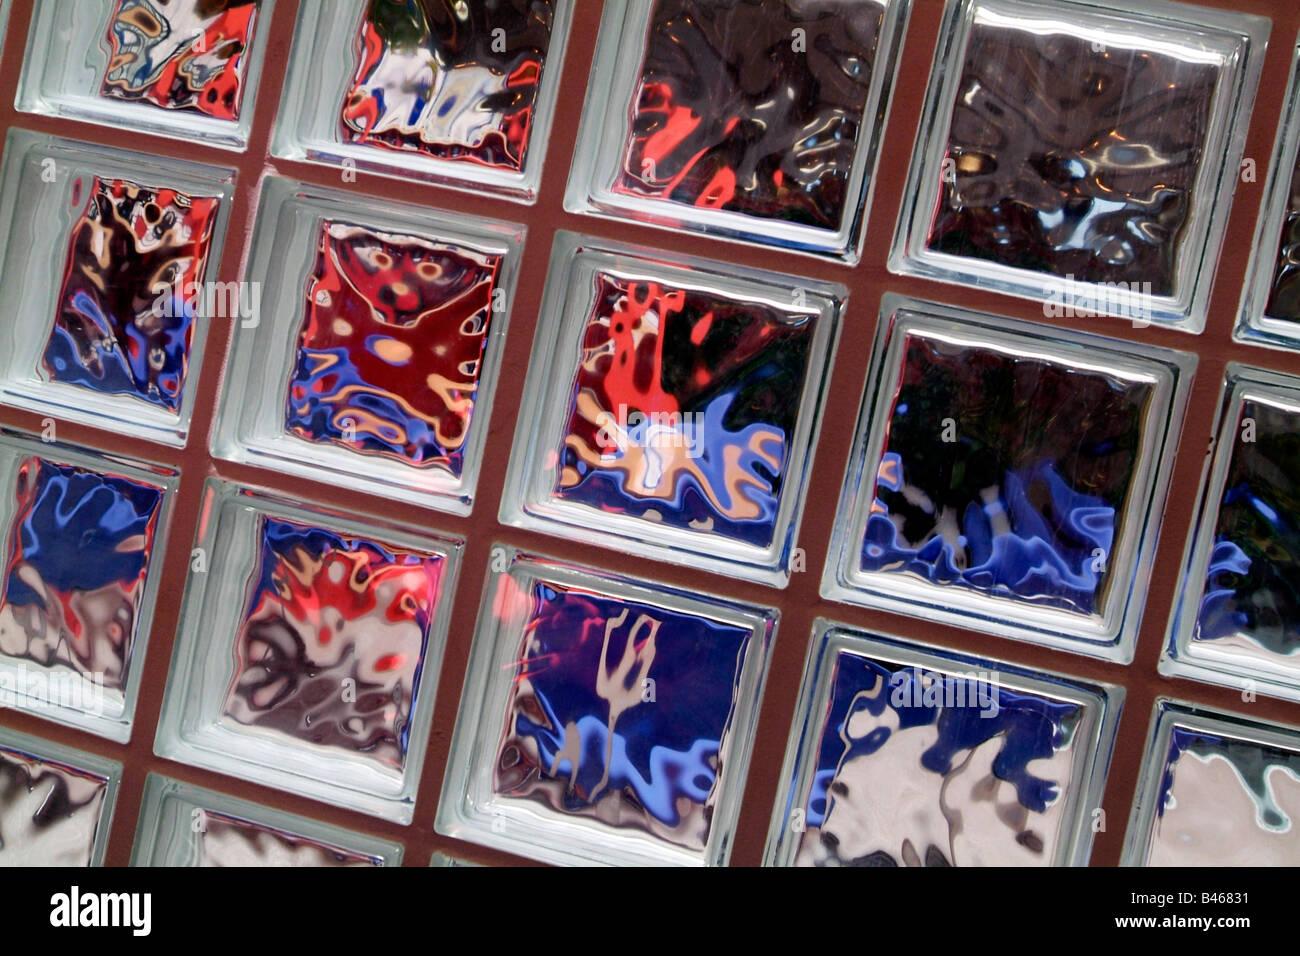 Design Feature Stockfotos & Design Feature Bilder - Alamy